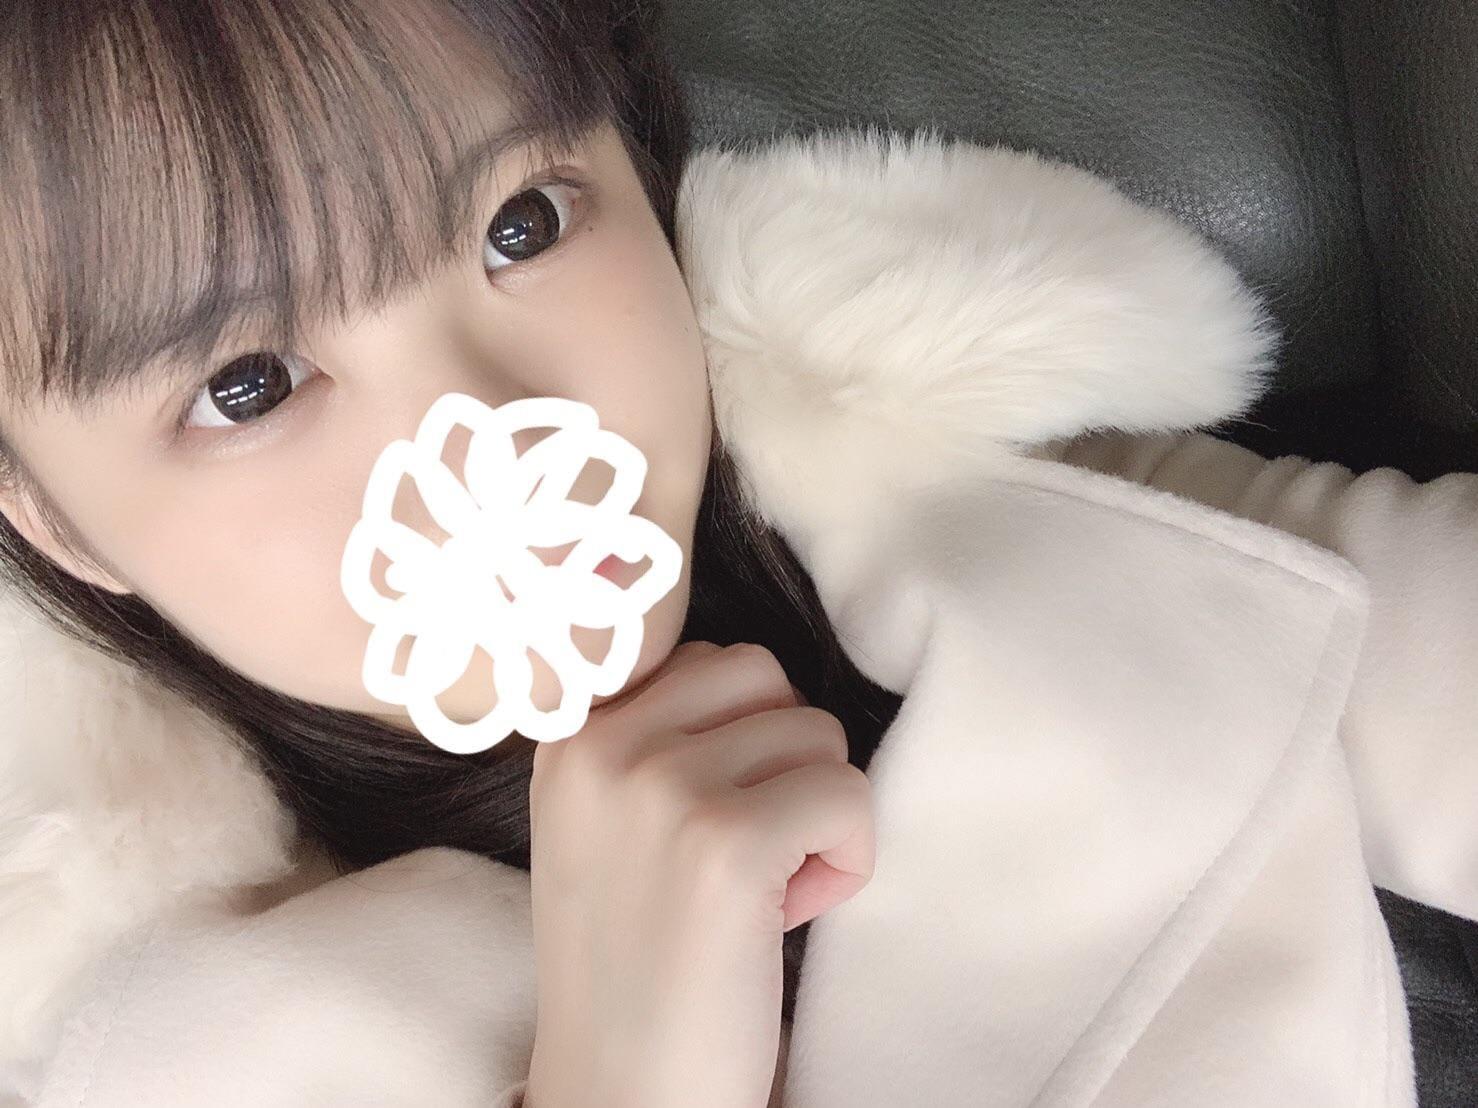 「お礼?」03/24(03/24) 00:01 | 香坂 みおりの写メ・風俗動画